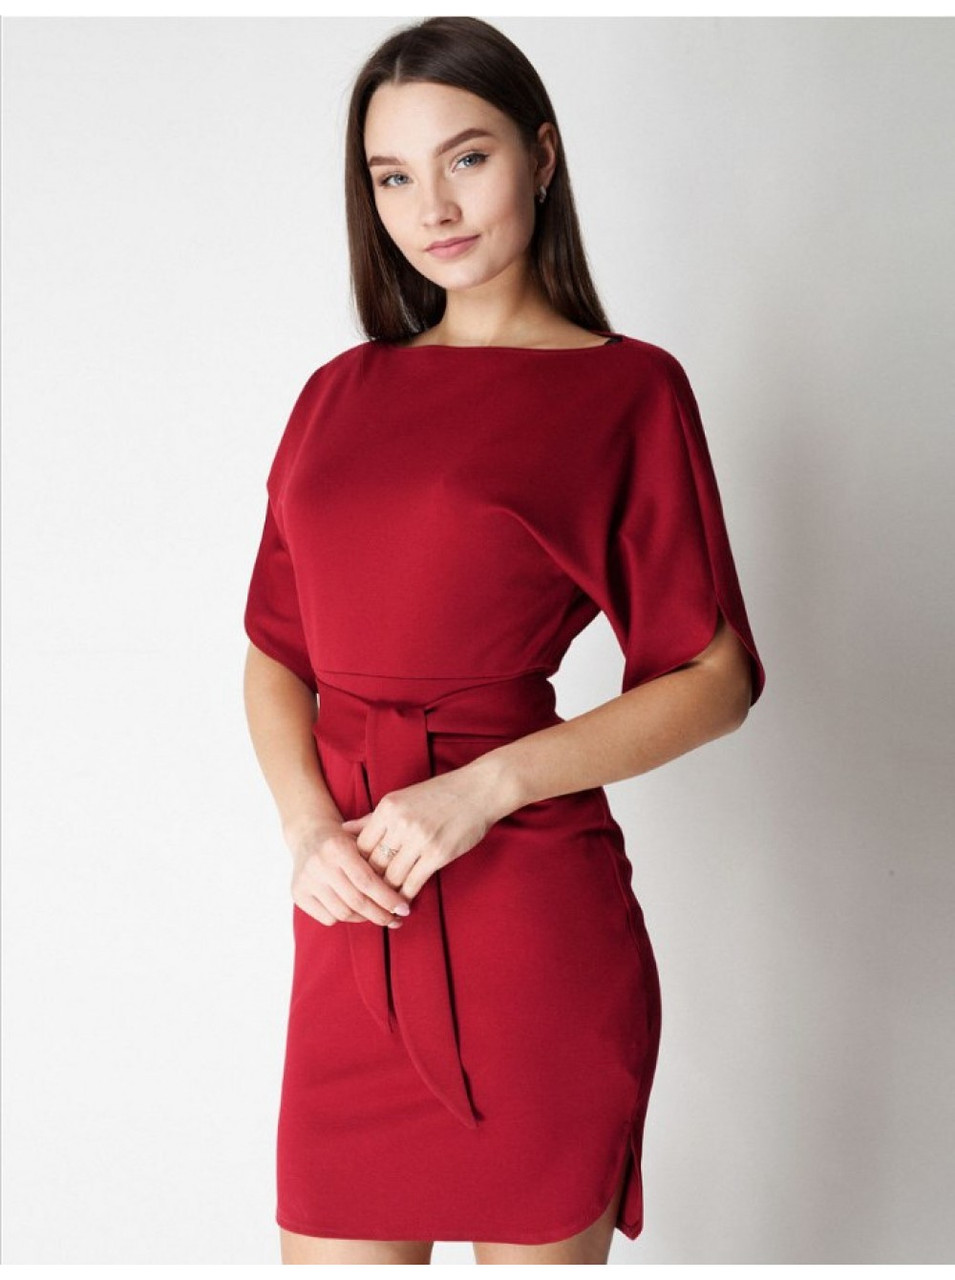 Платье трикотажное в бордовом цвете. Сезон весна - лето